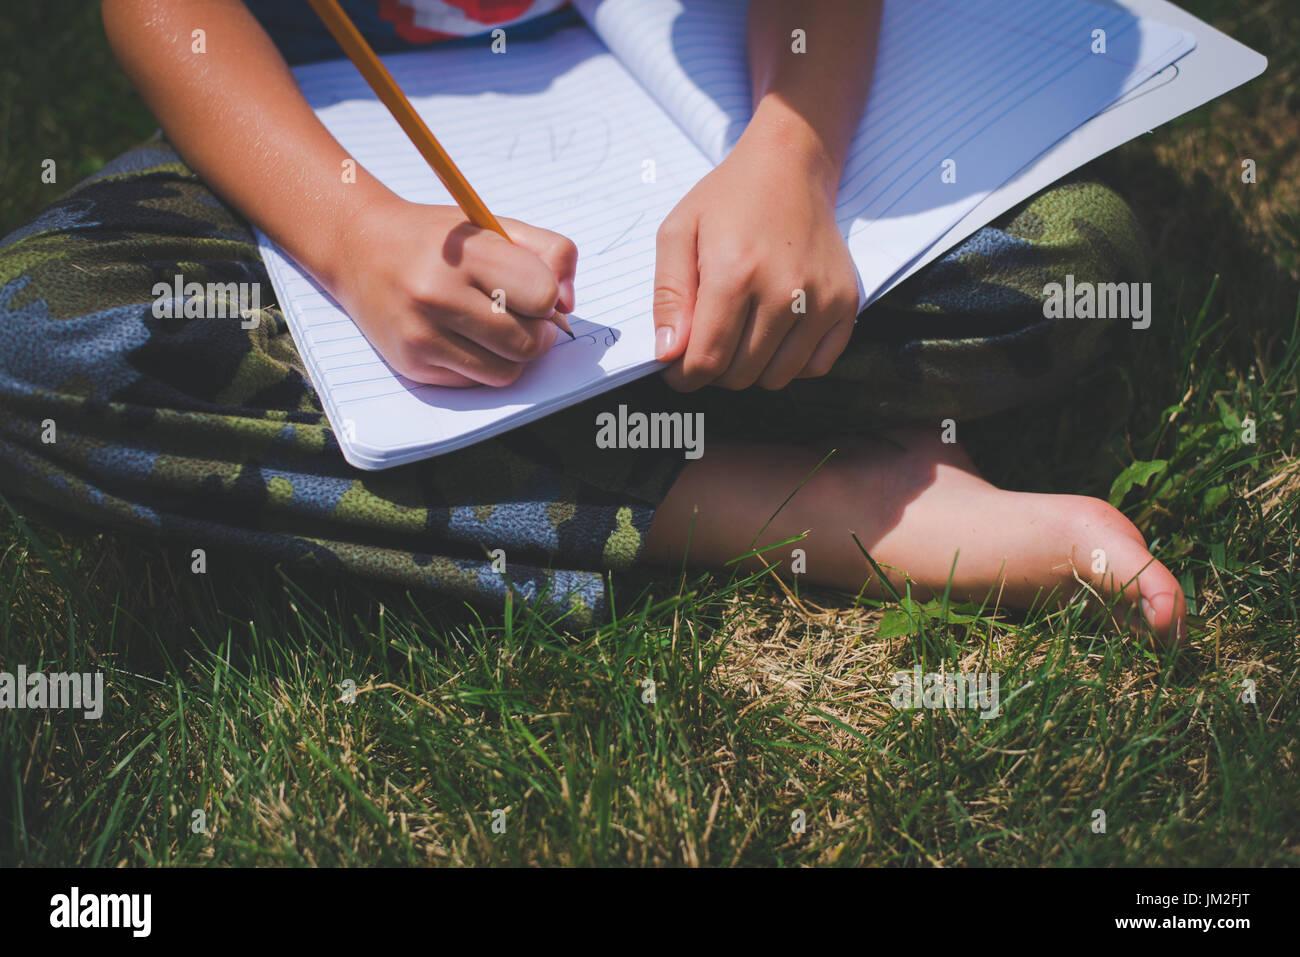 Eine Jugend schreibt in einem Notebook für Schulbildung zurück in die Schule zu lernen. Stockfoto